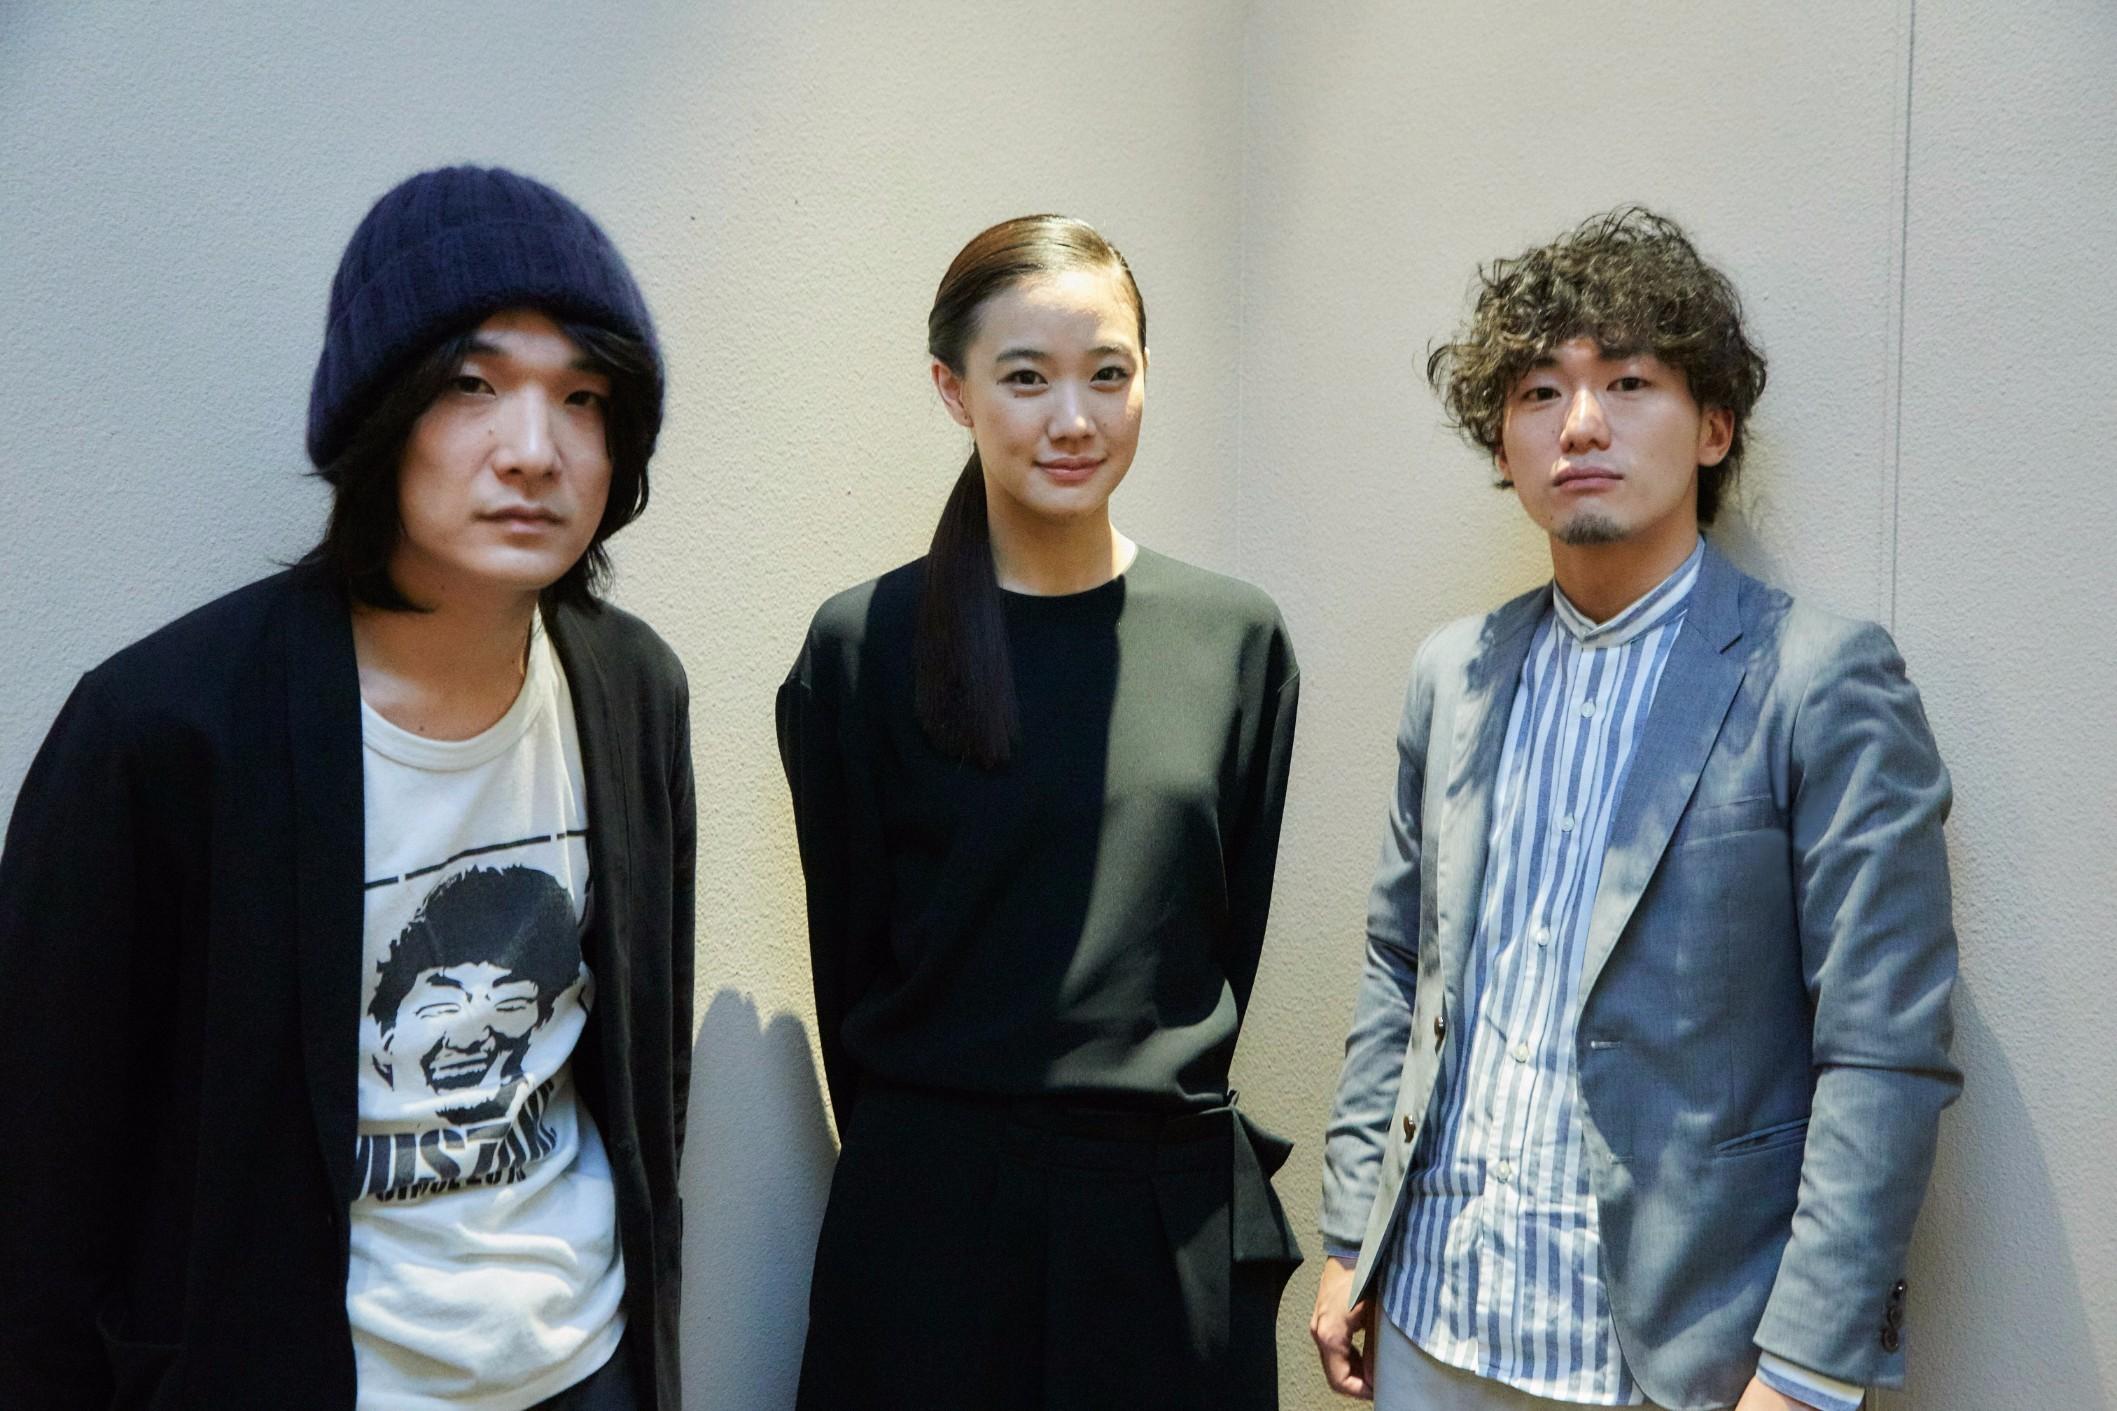 左から、石崎ひゅーい、蒼井優、松居大悟監督 撮影=岩間辰徳